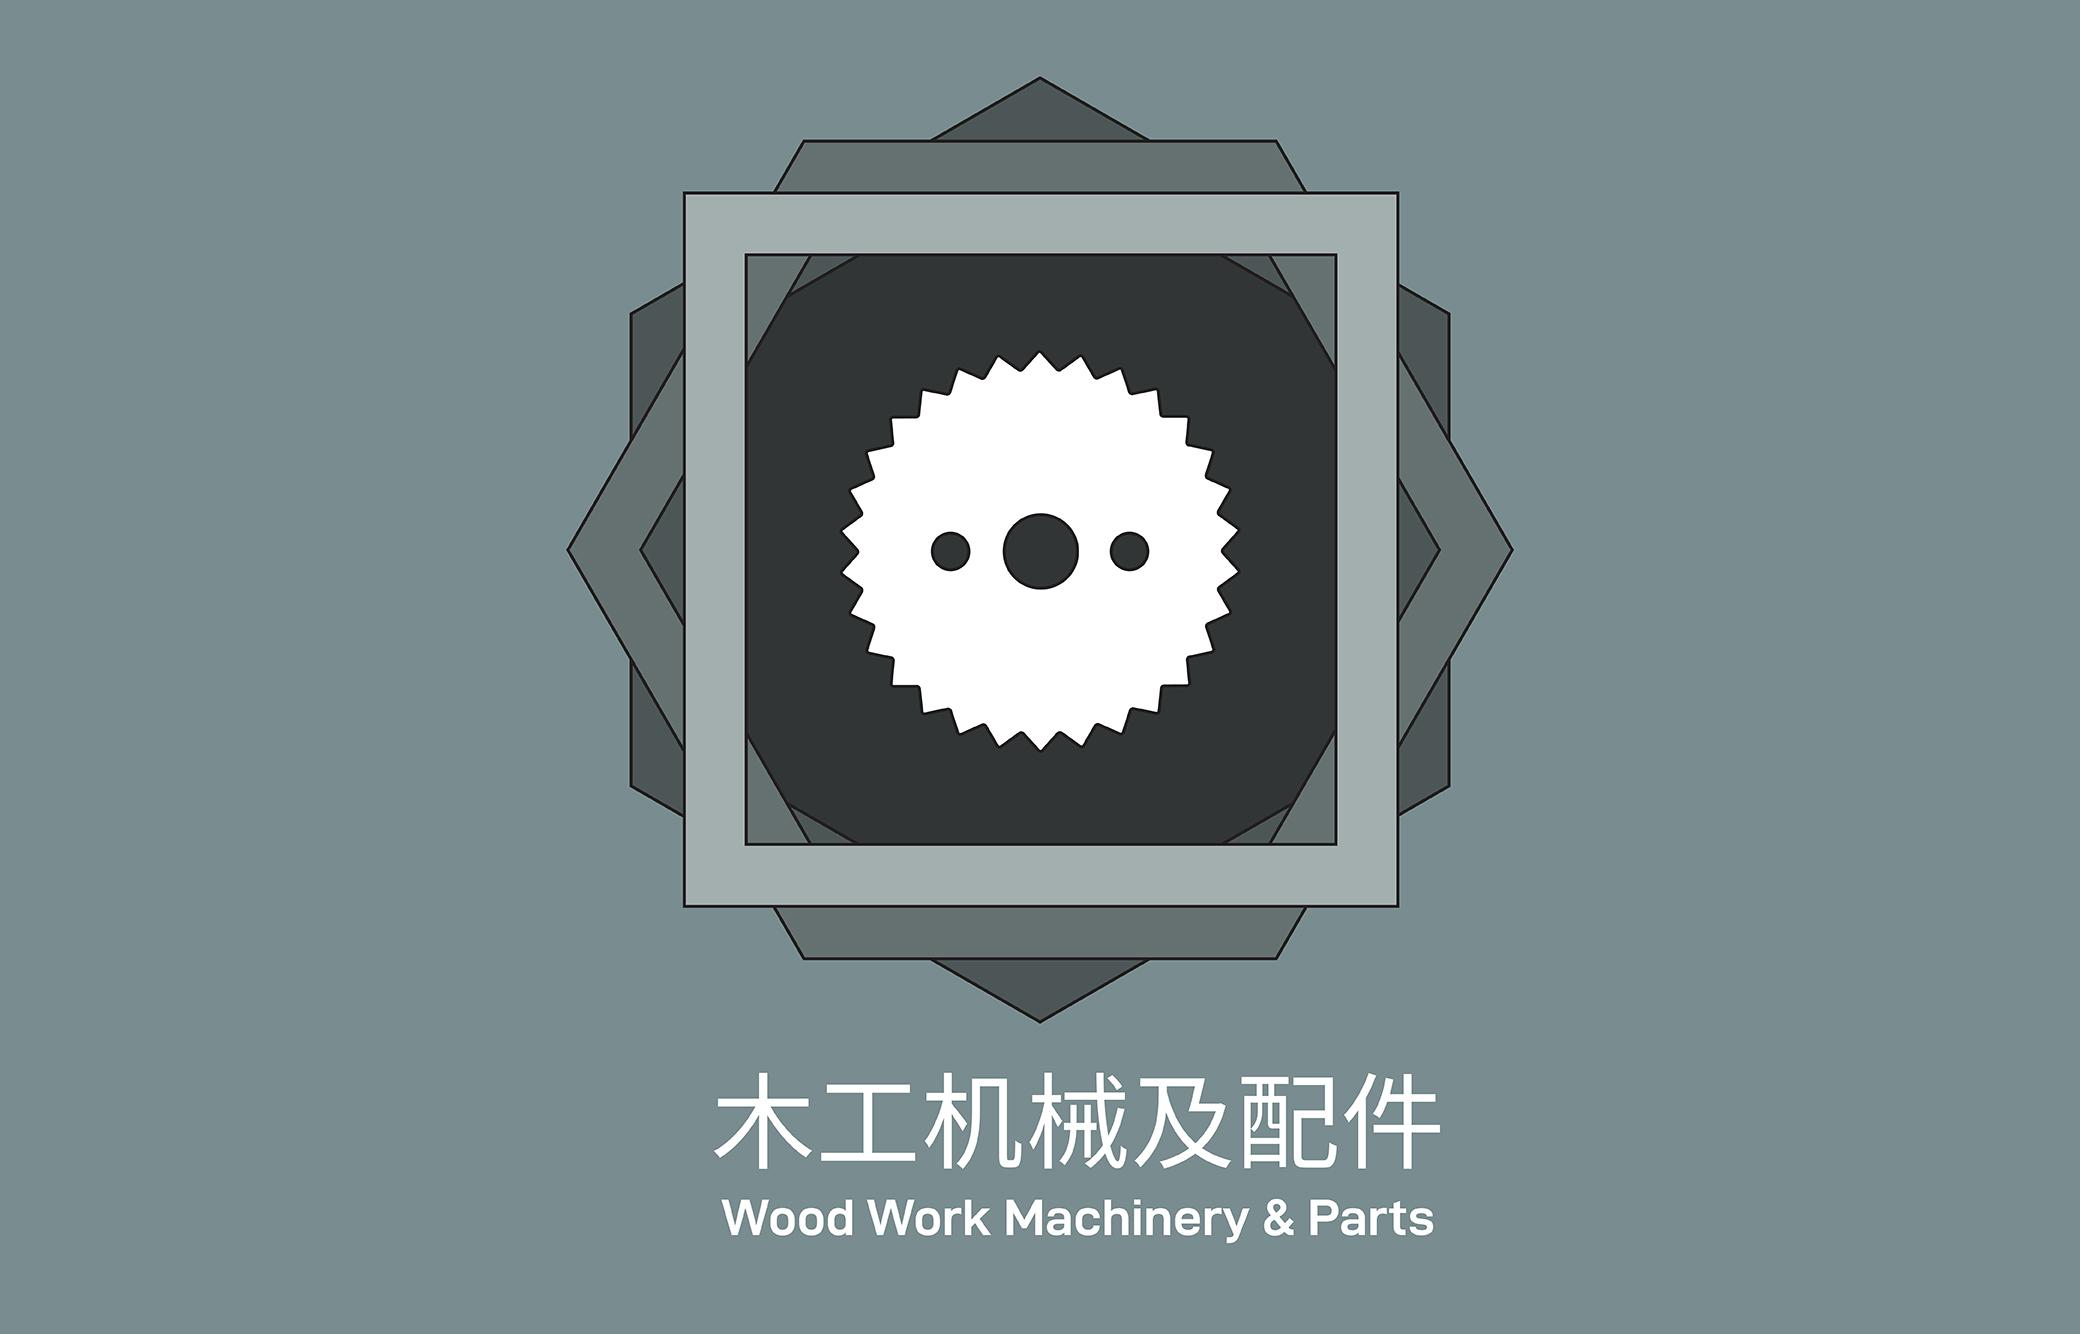 木工机械及配件